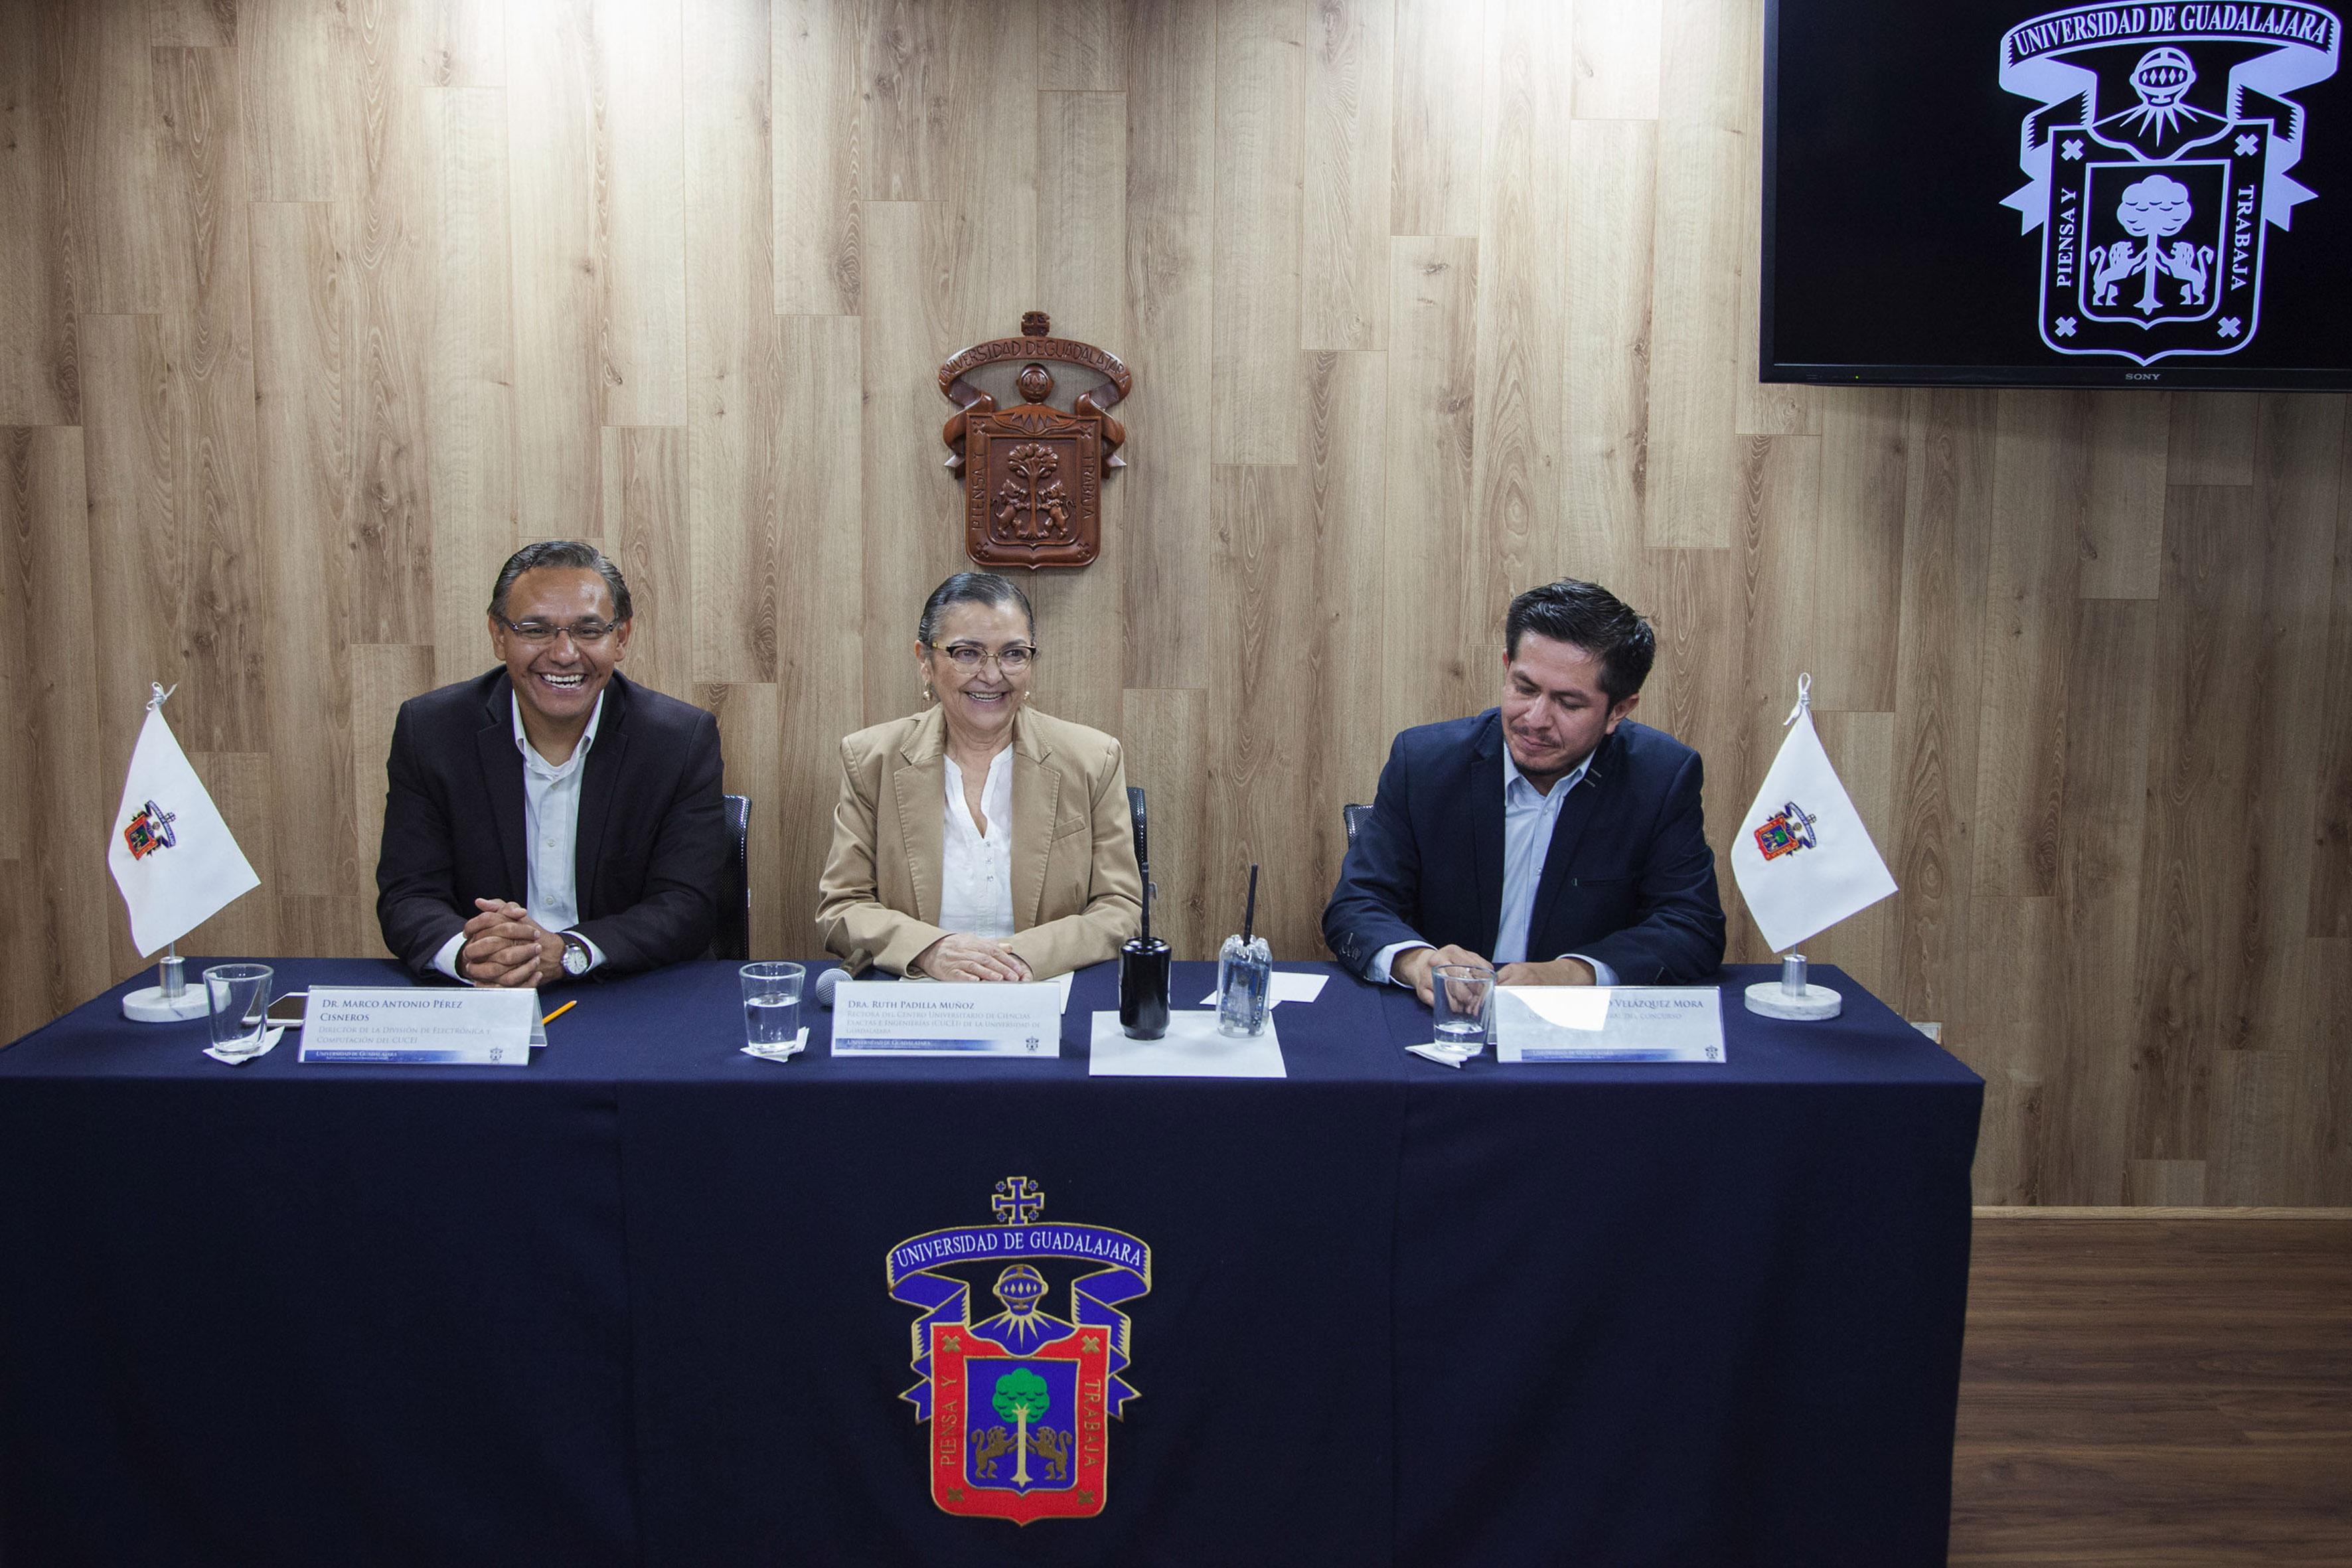 Rueda de prensa para presentar el concurso CUCEI CanSat 2017, organizado por el Centro Universitario de Ciencias Exactas e Ingenierías (CUCEI), de la Universidad de Guadalajara.